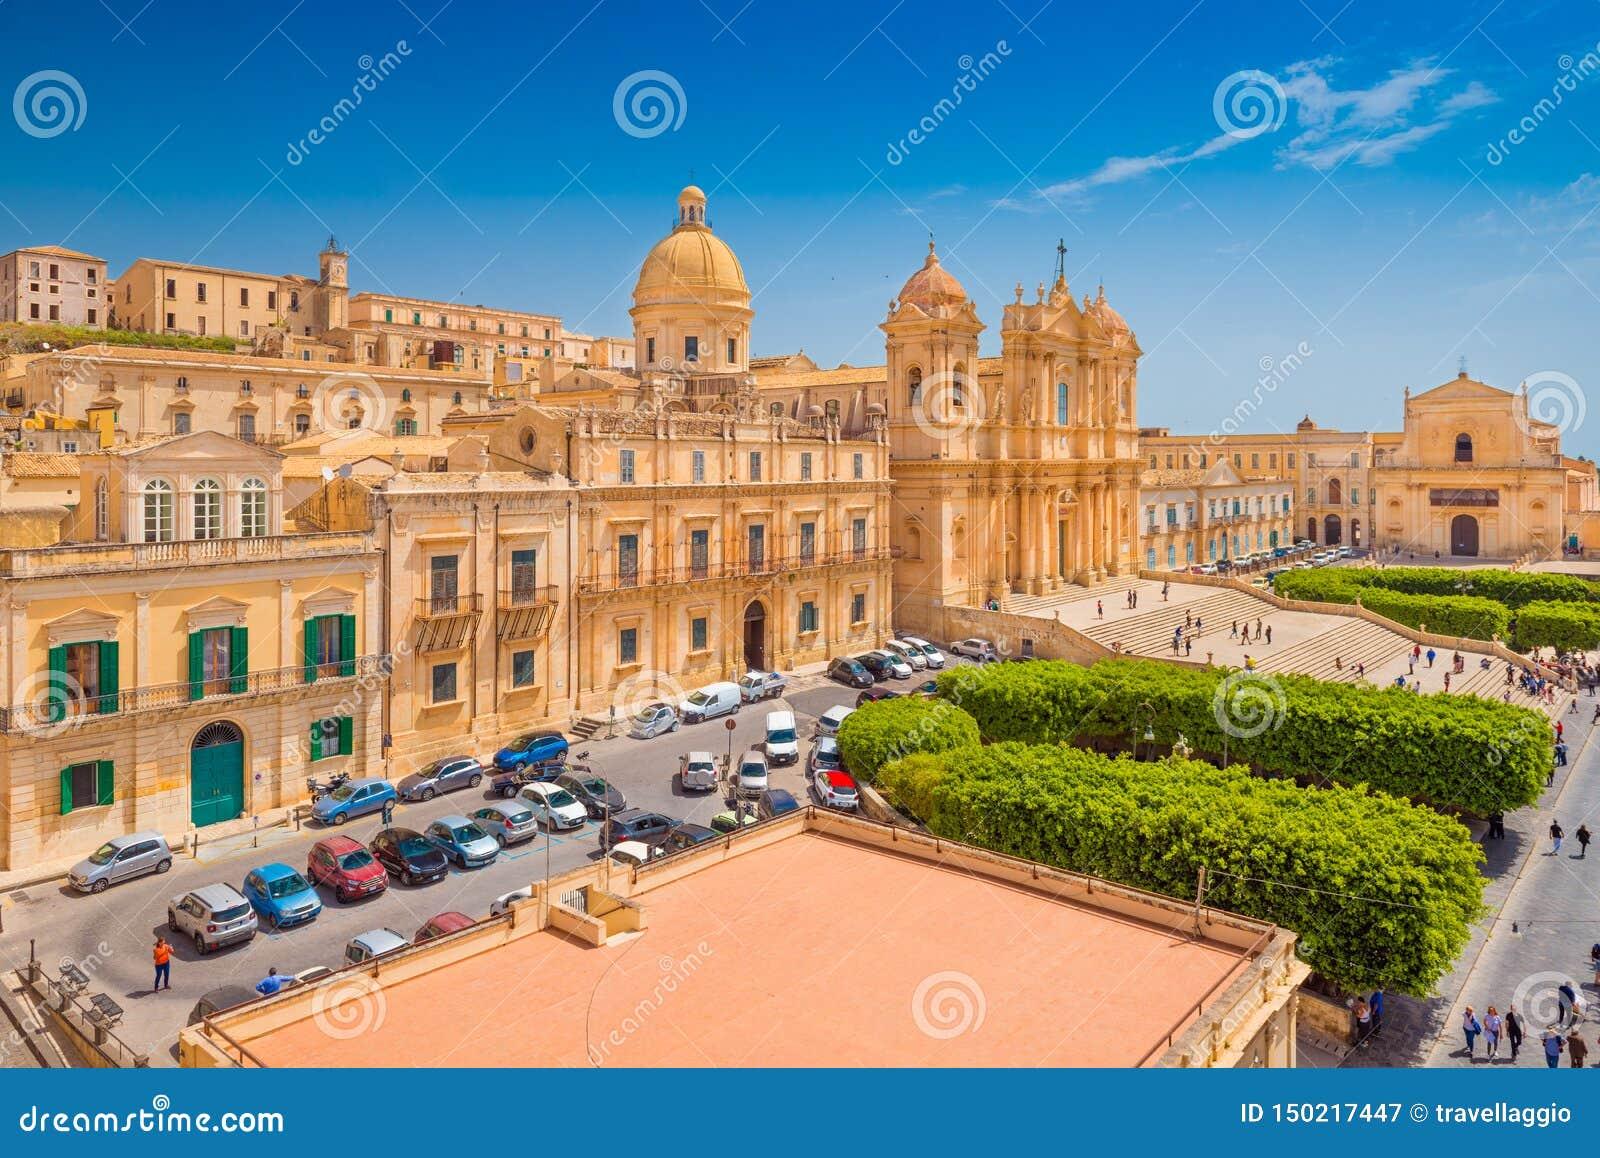 Belle ville de Noto, capital baroque italien Vue de la cathédrale au centre de la ville Province de Syracuse, Sicile, Italie